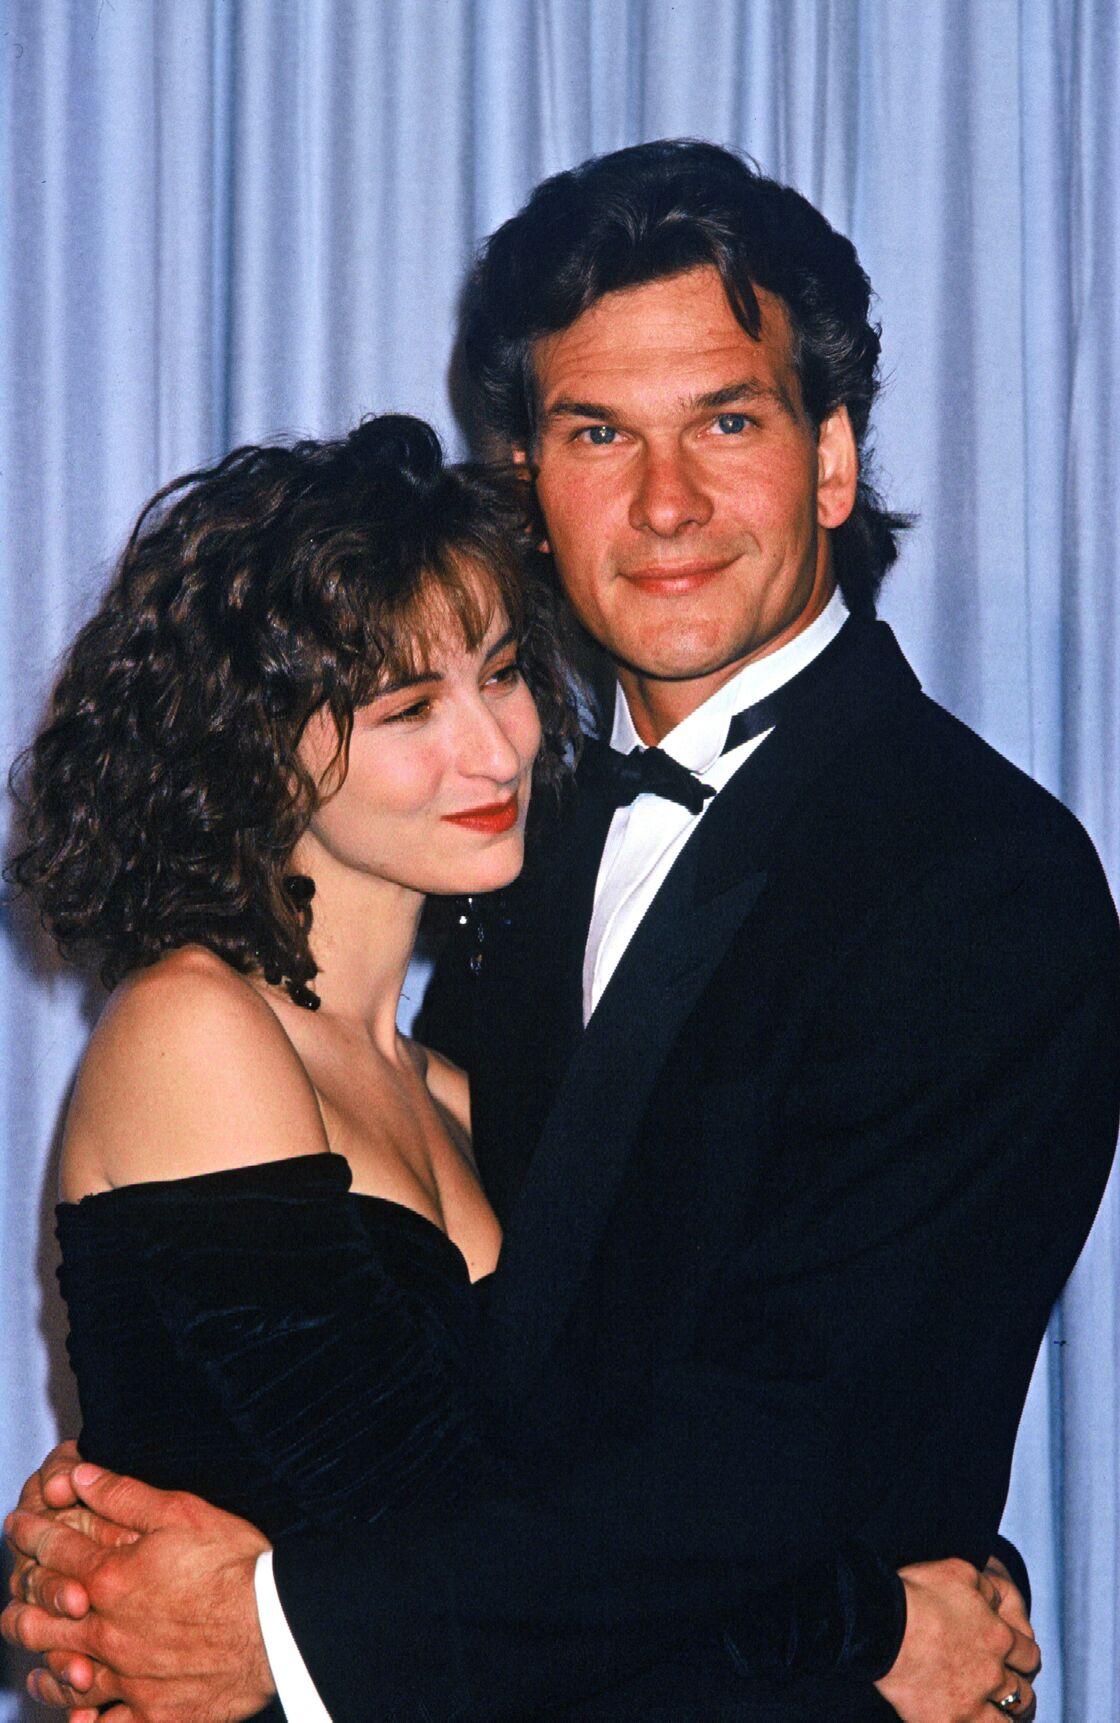 Jennifer Grey et Patrick Swayze à la cérémonie des Oscars, le 13 avril 1988.